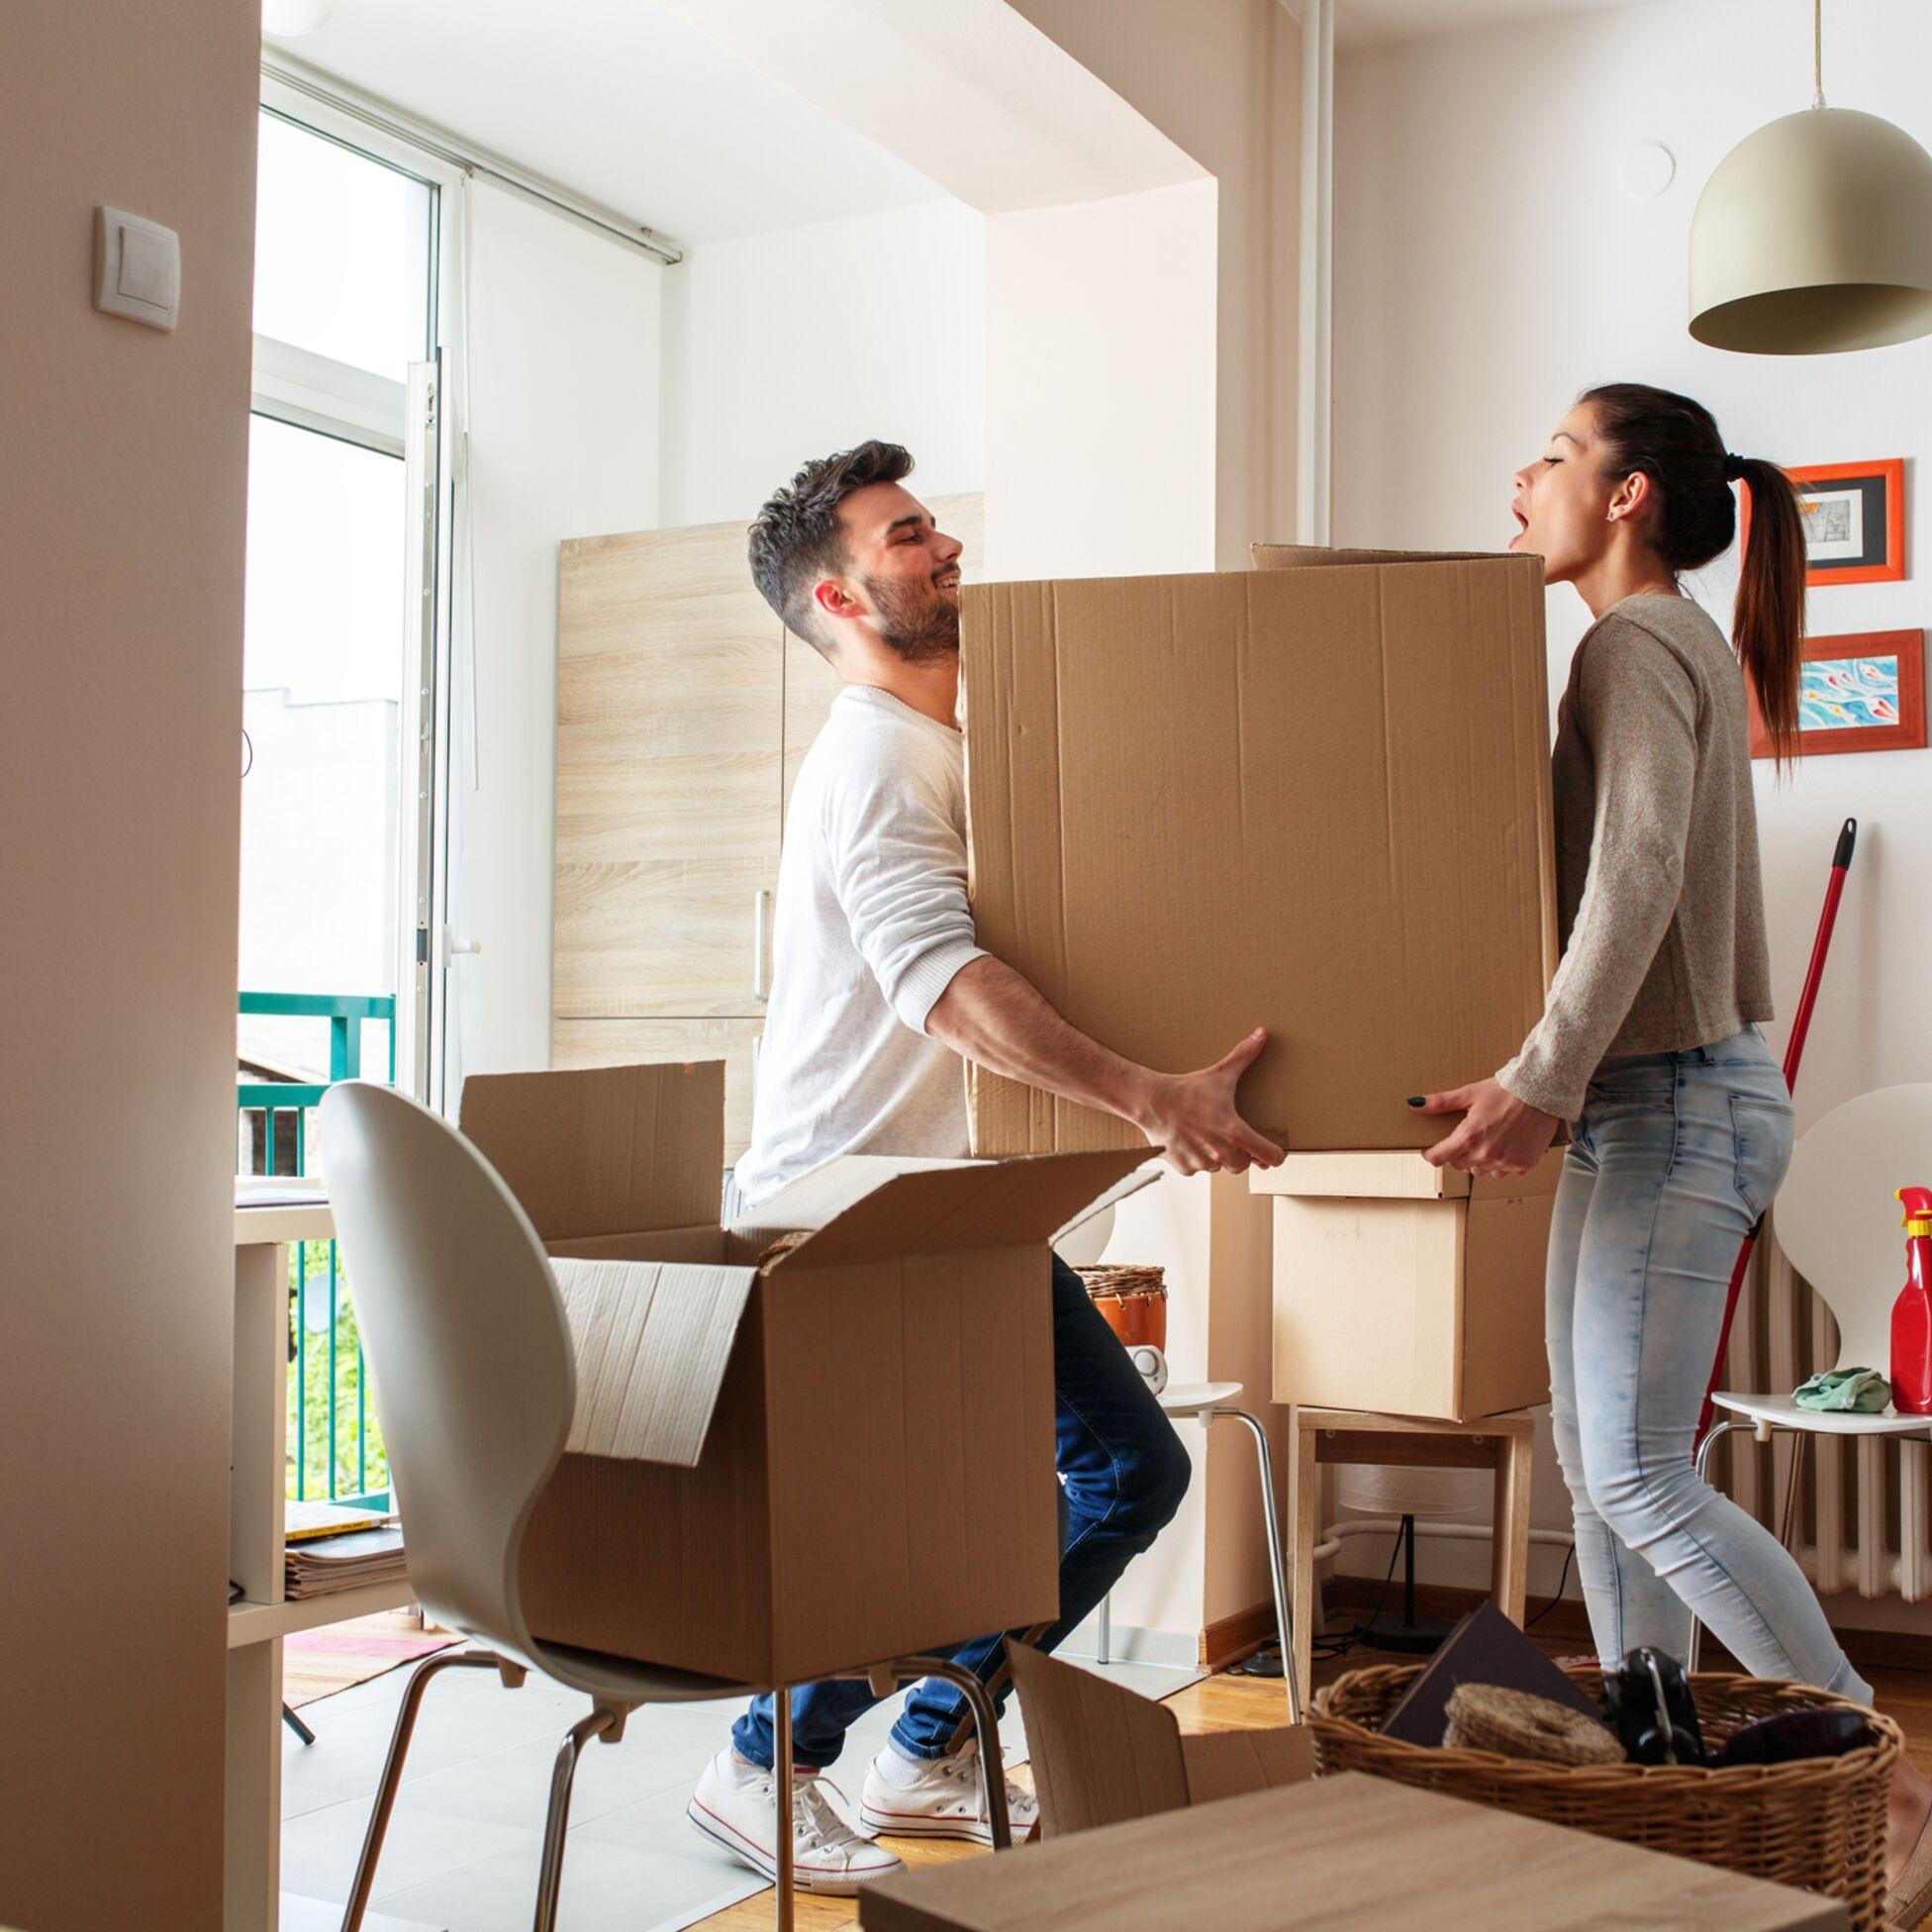 Junges Paar schleppt große Kiste zu zweit